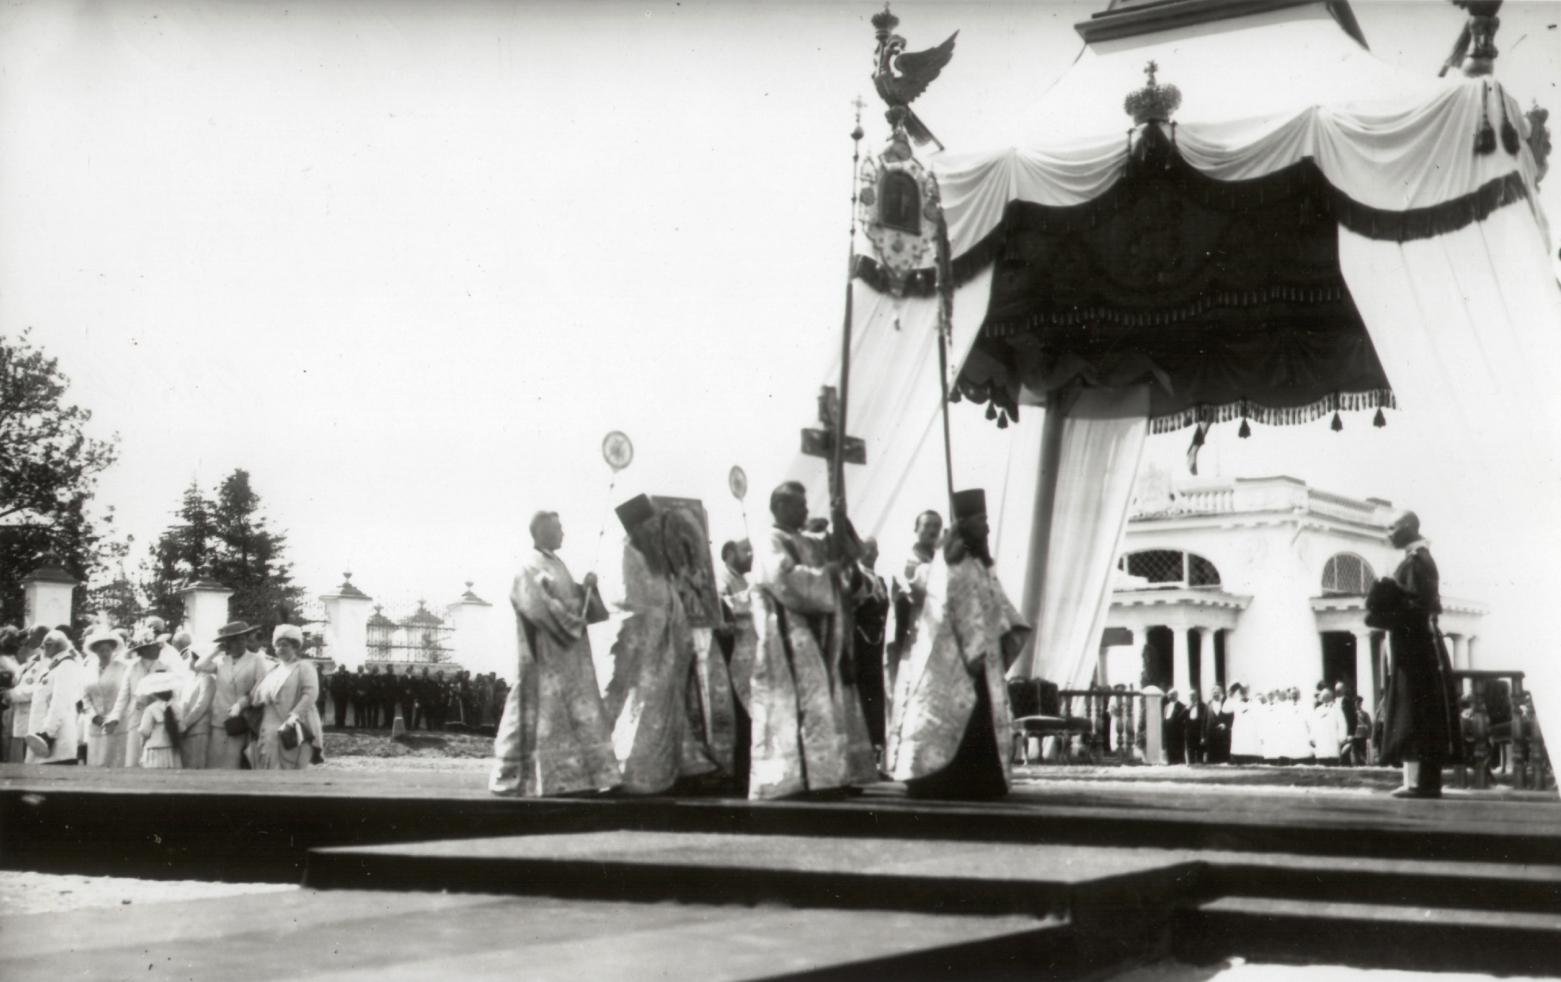 Закладка памятника в честь 300-летия дома Романовых